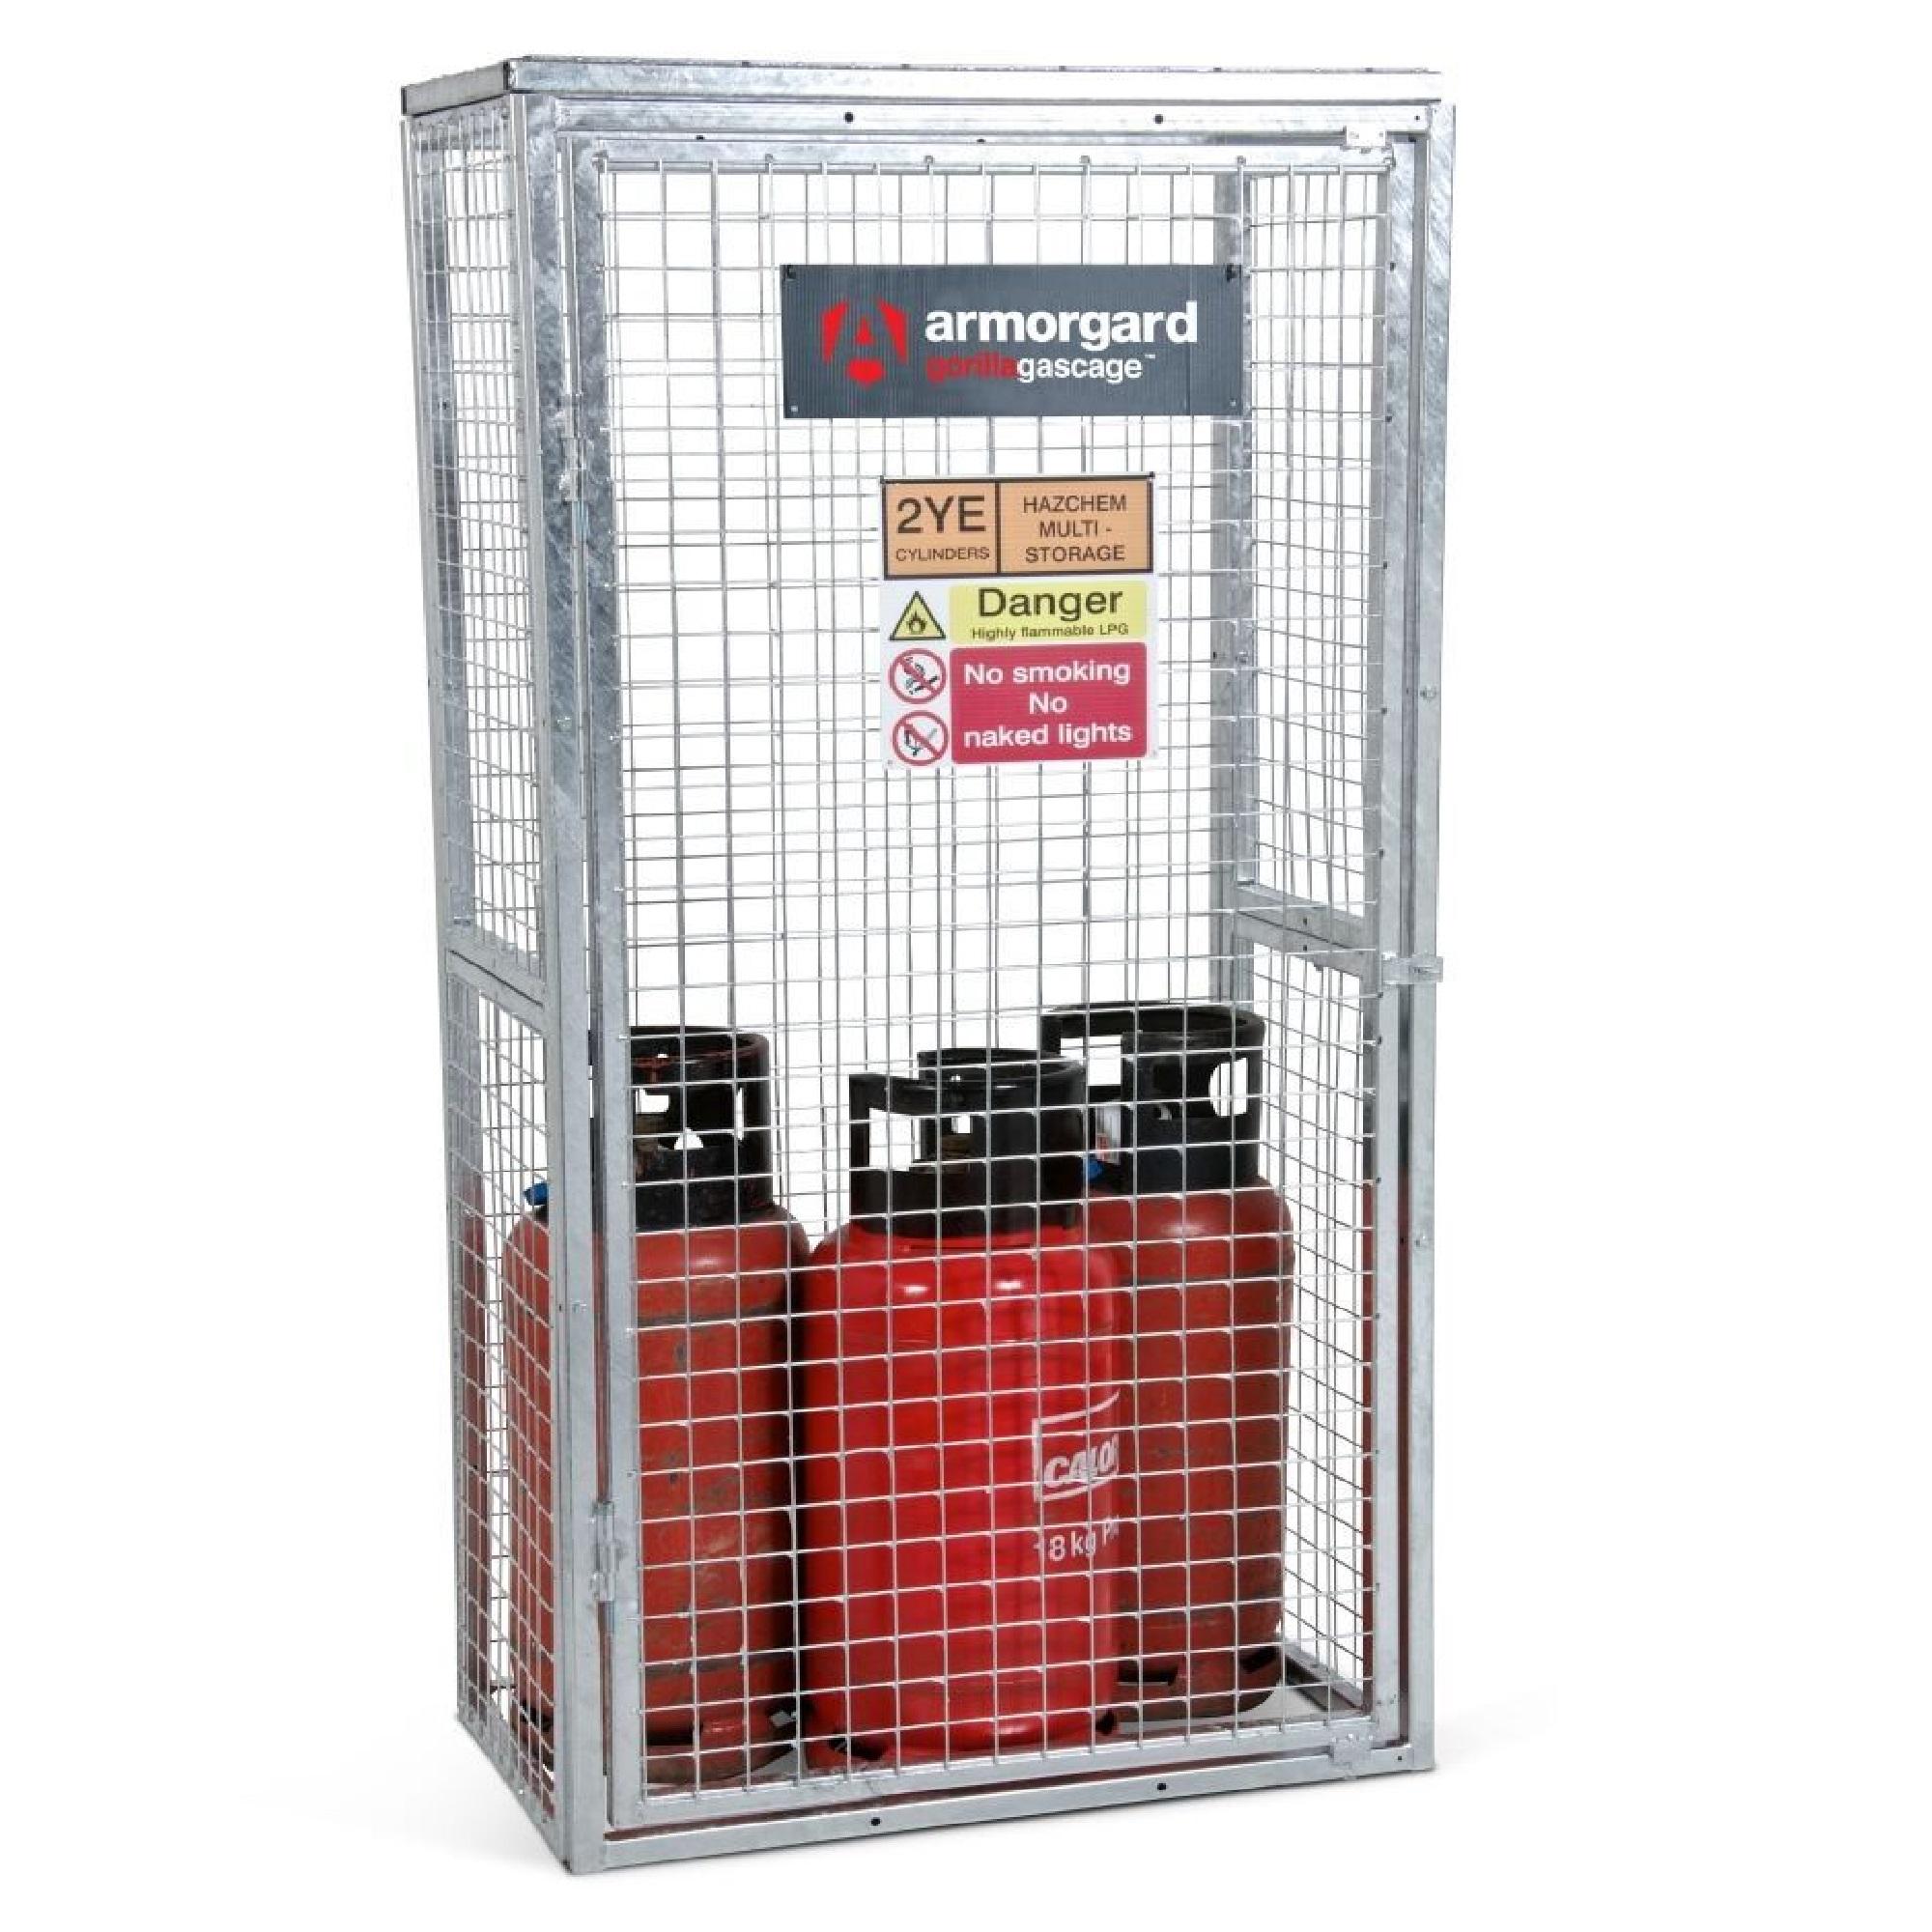 Armorgard Gorilla Gas Bottle Cage GGC3